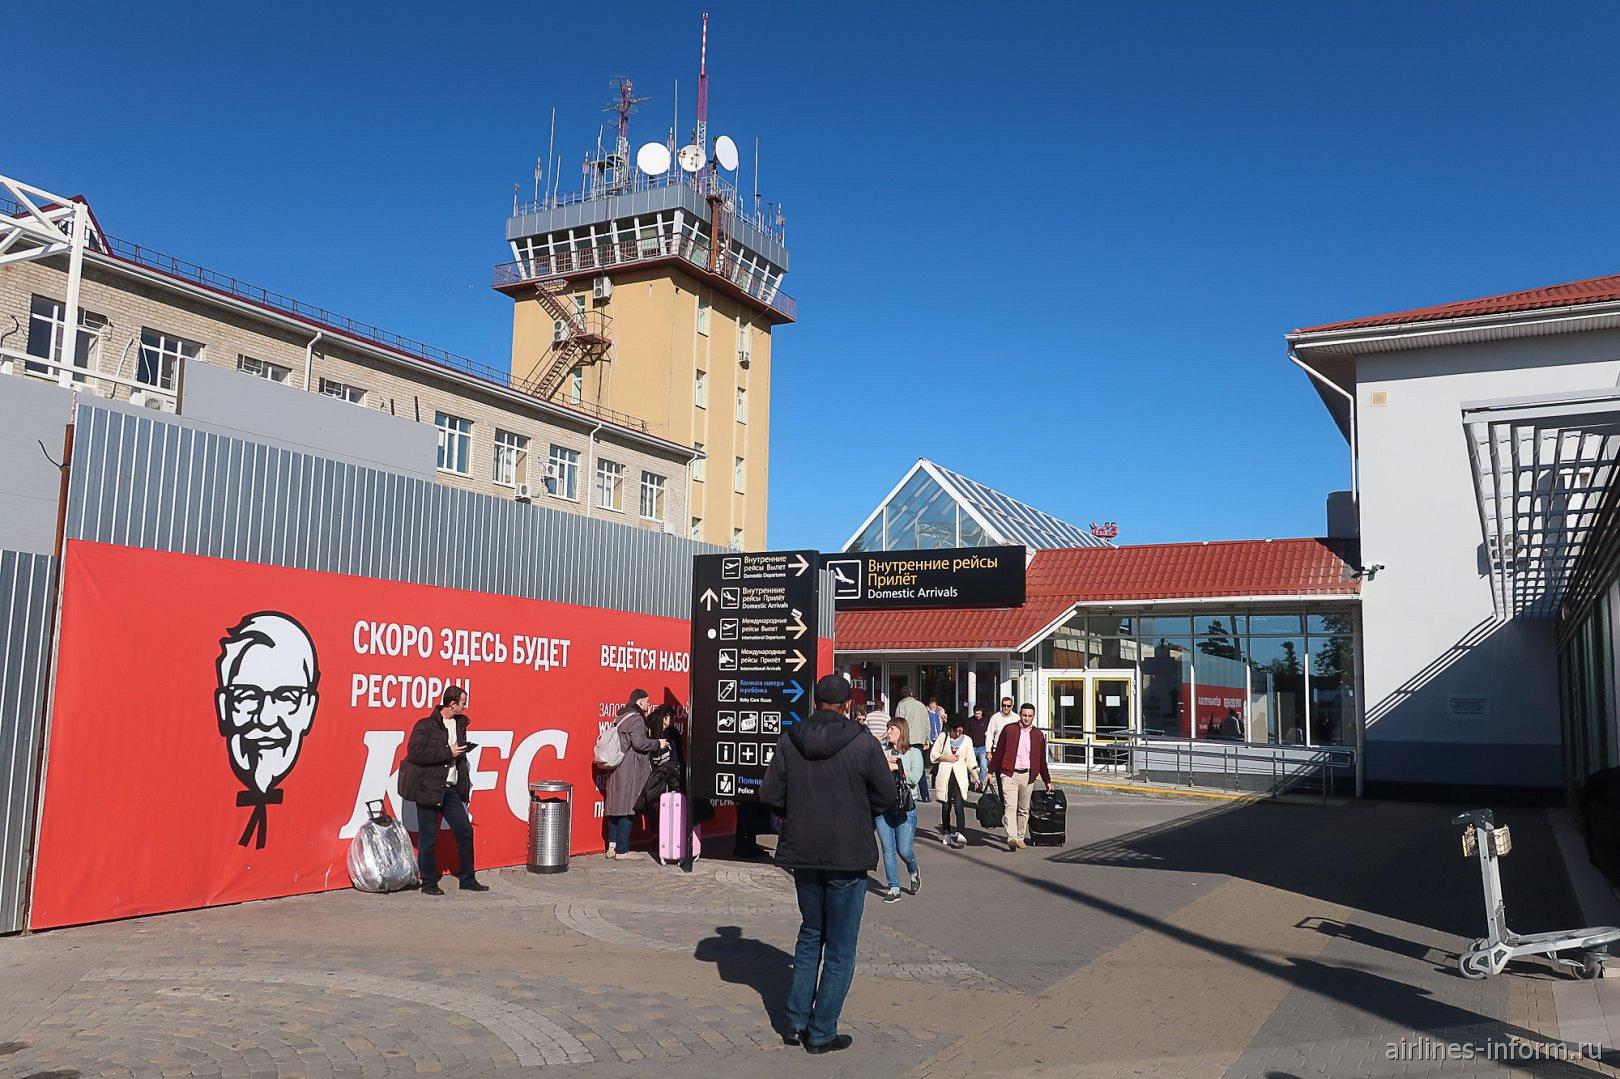 Выход из зоны прилета внутренних линий аэропорта Краснодар Пашковский